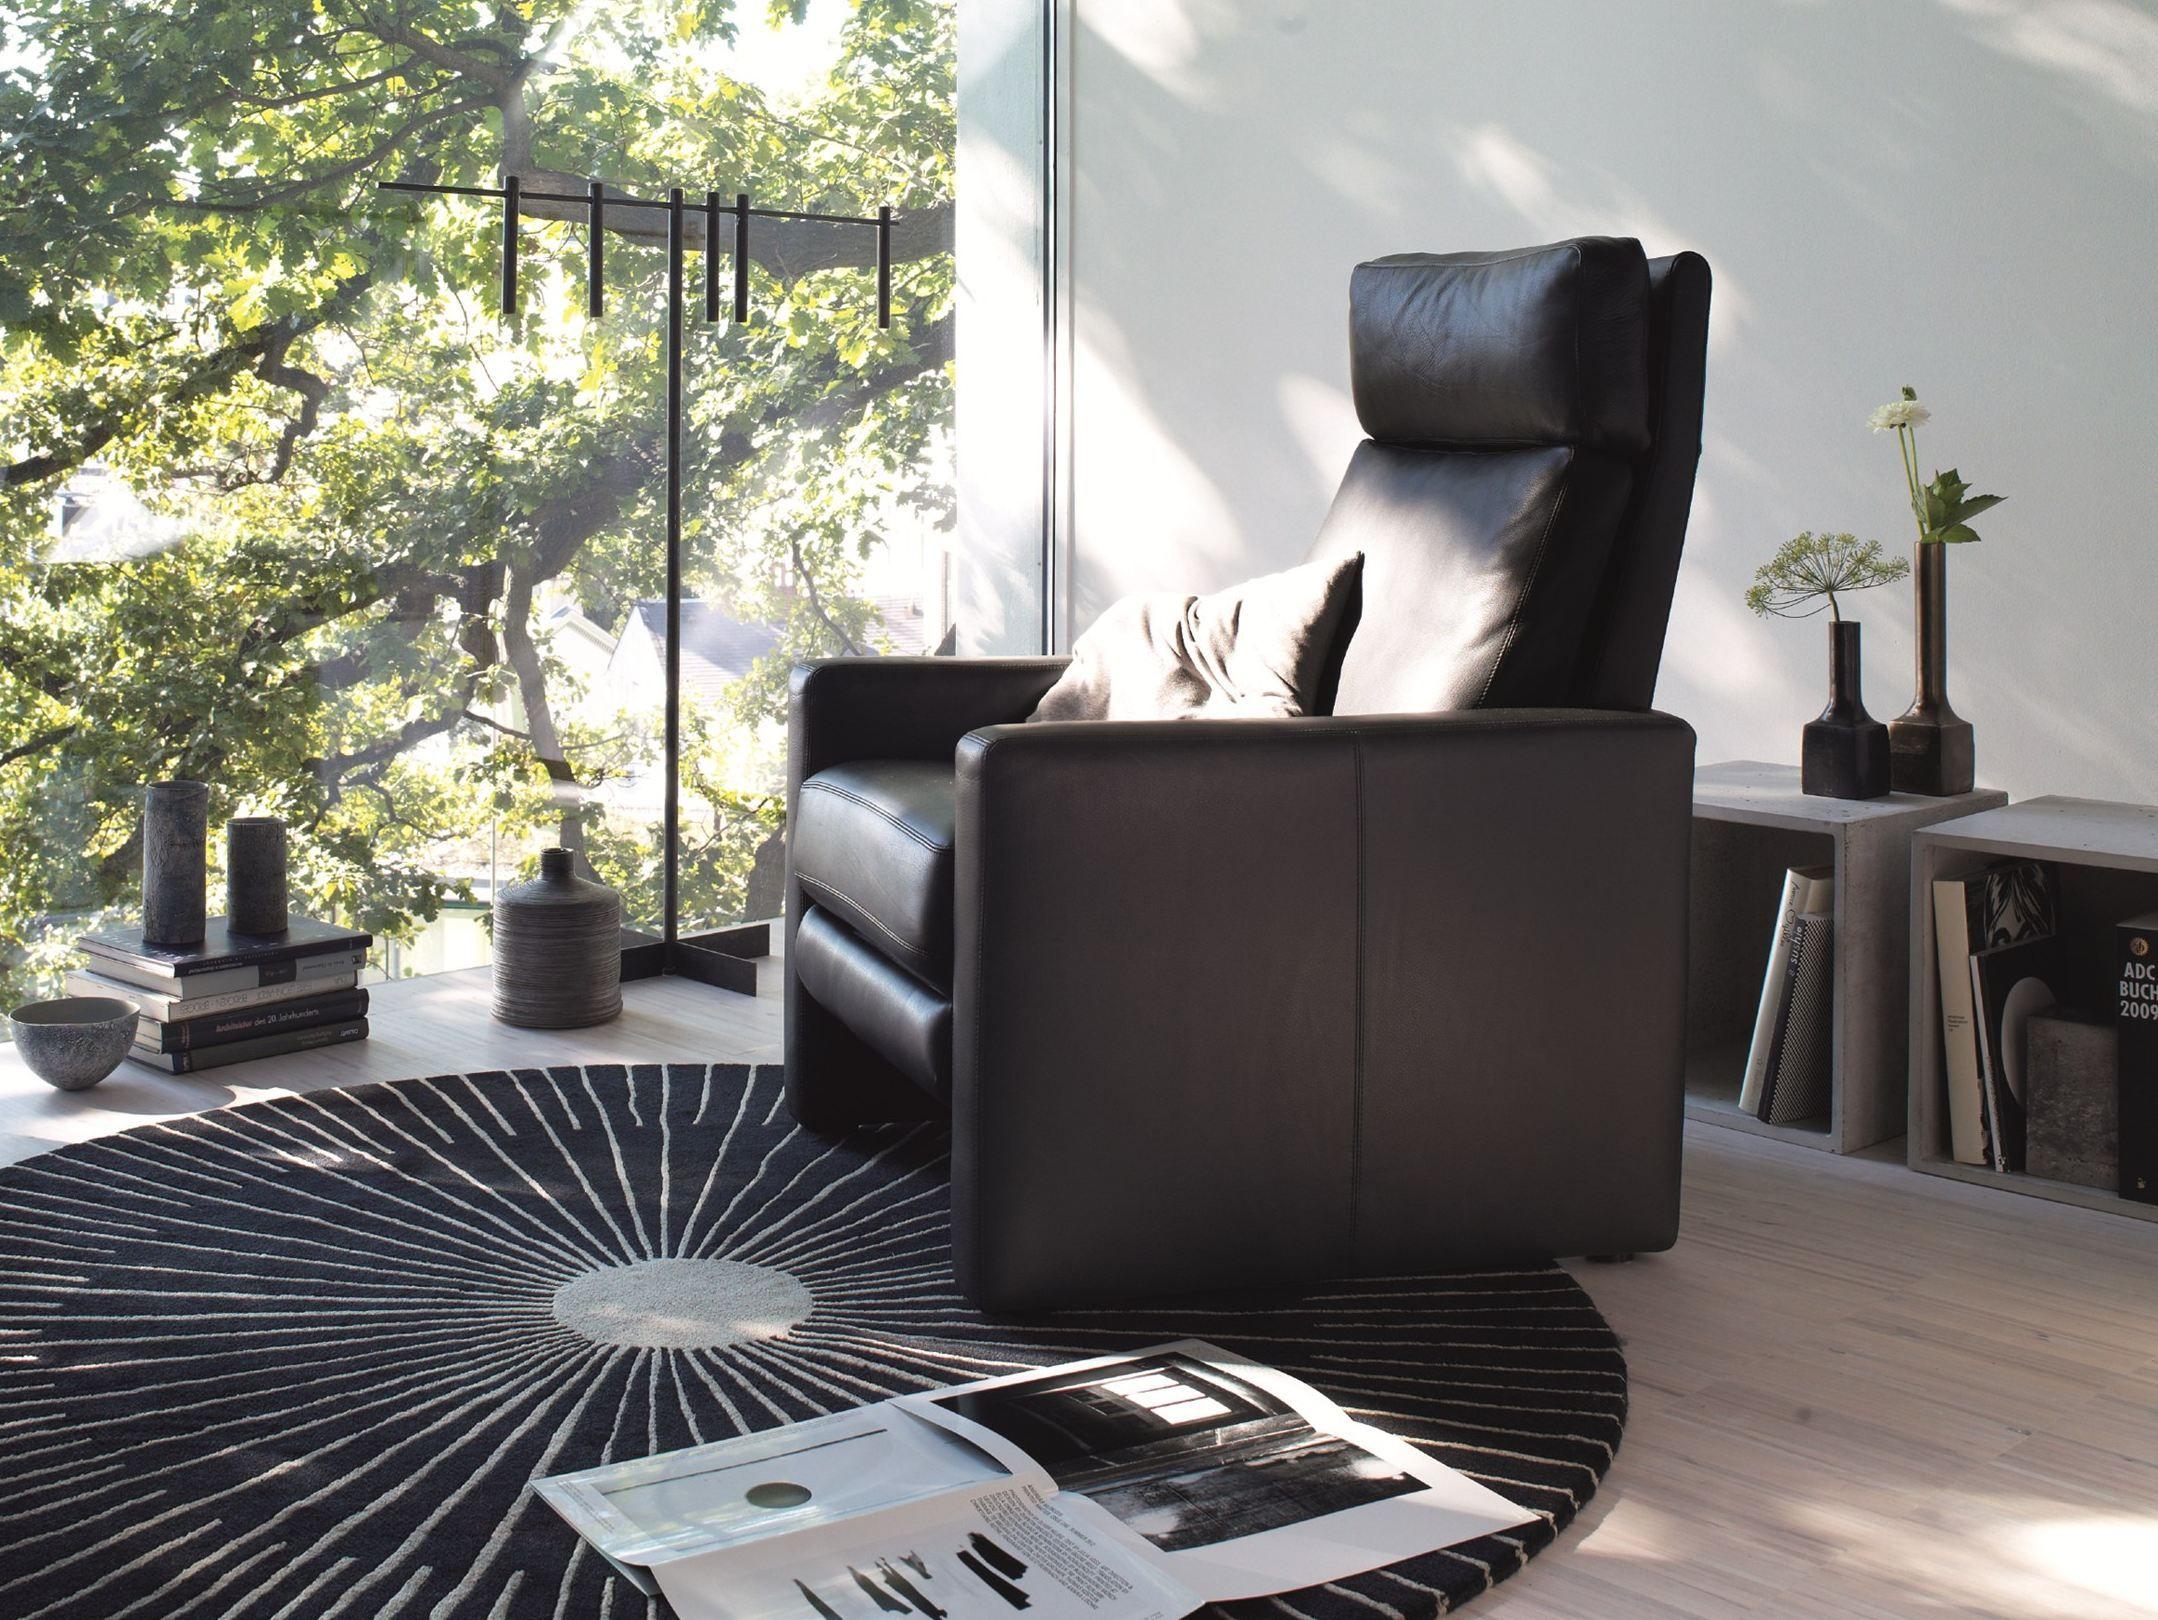 poltrona reclinabile con poggiapiedi conseta poltrona reclinabile cor sitzm bel helmut l bke. Black Bedroom Furniture Sets. Home Design Ideas